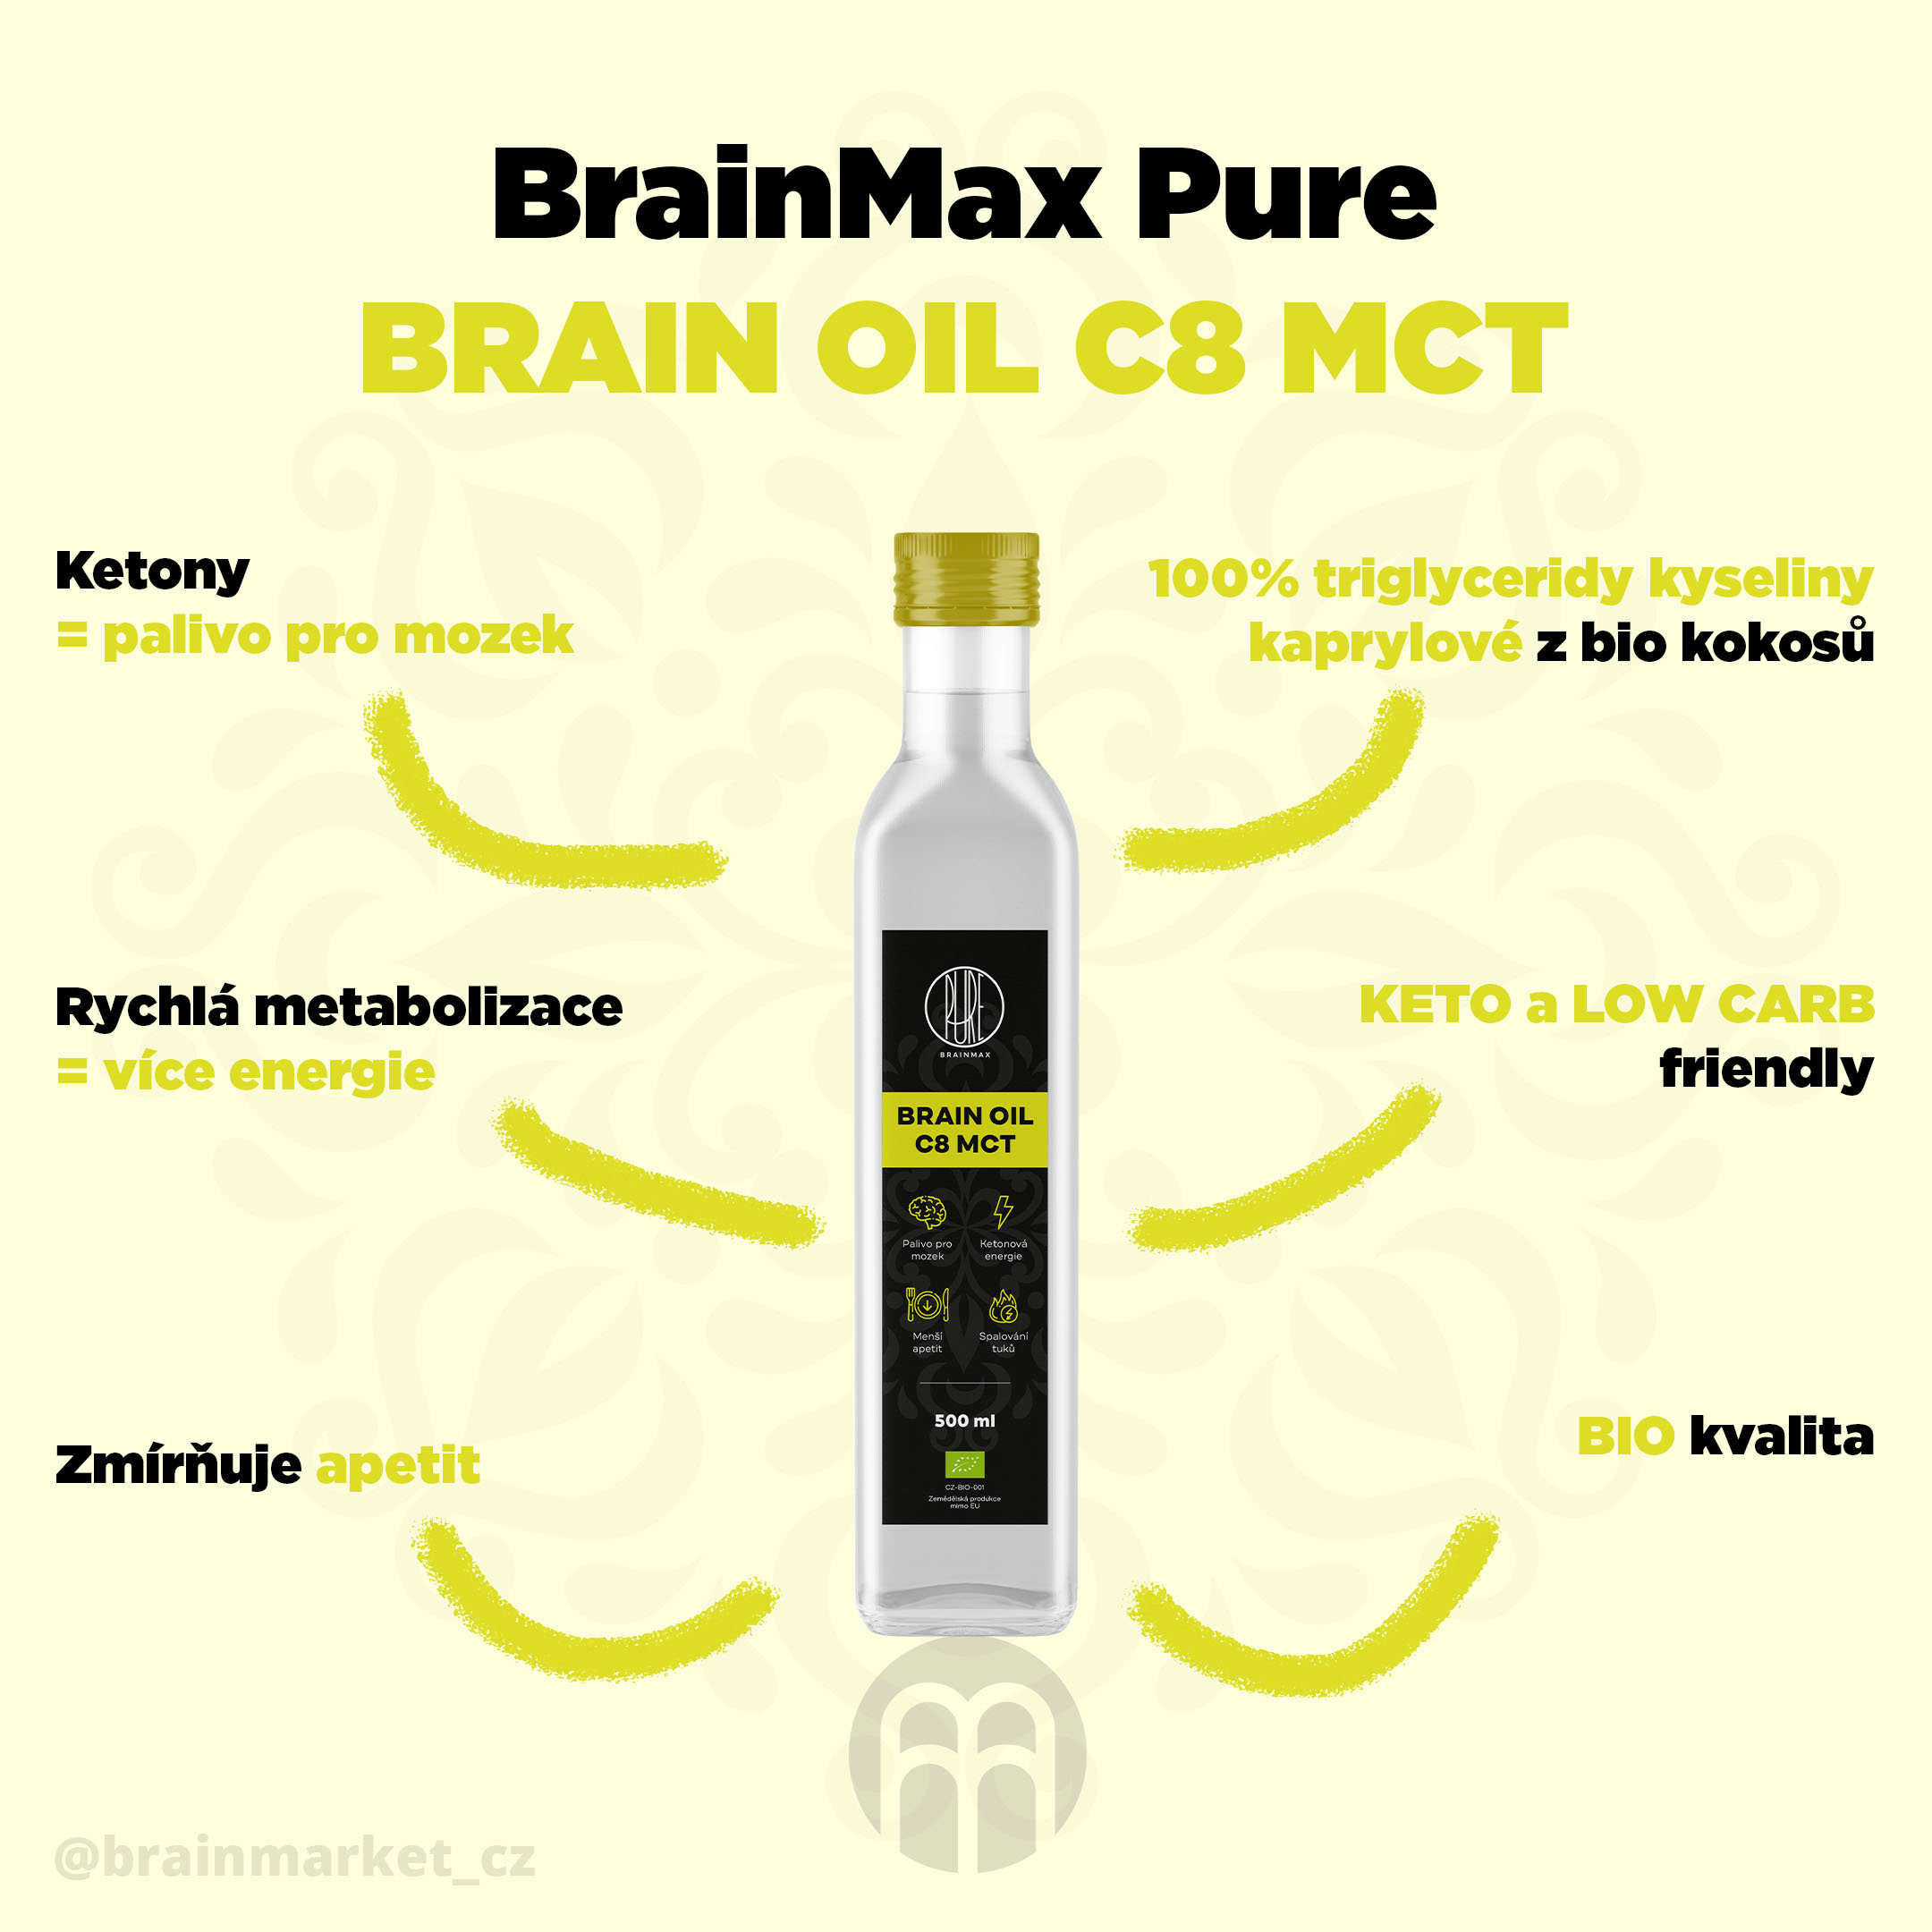 mct-olej-infografika-brainmarket-cz